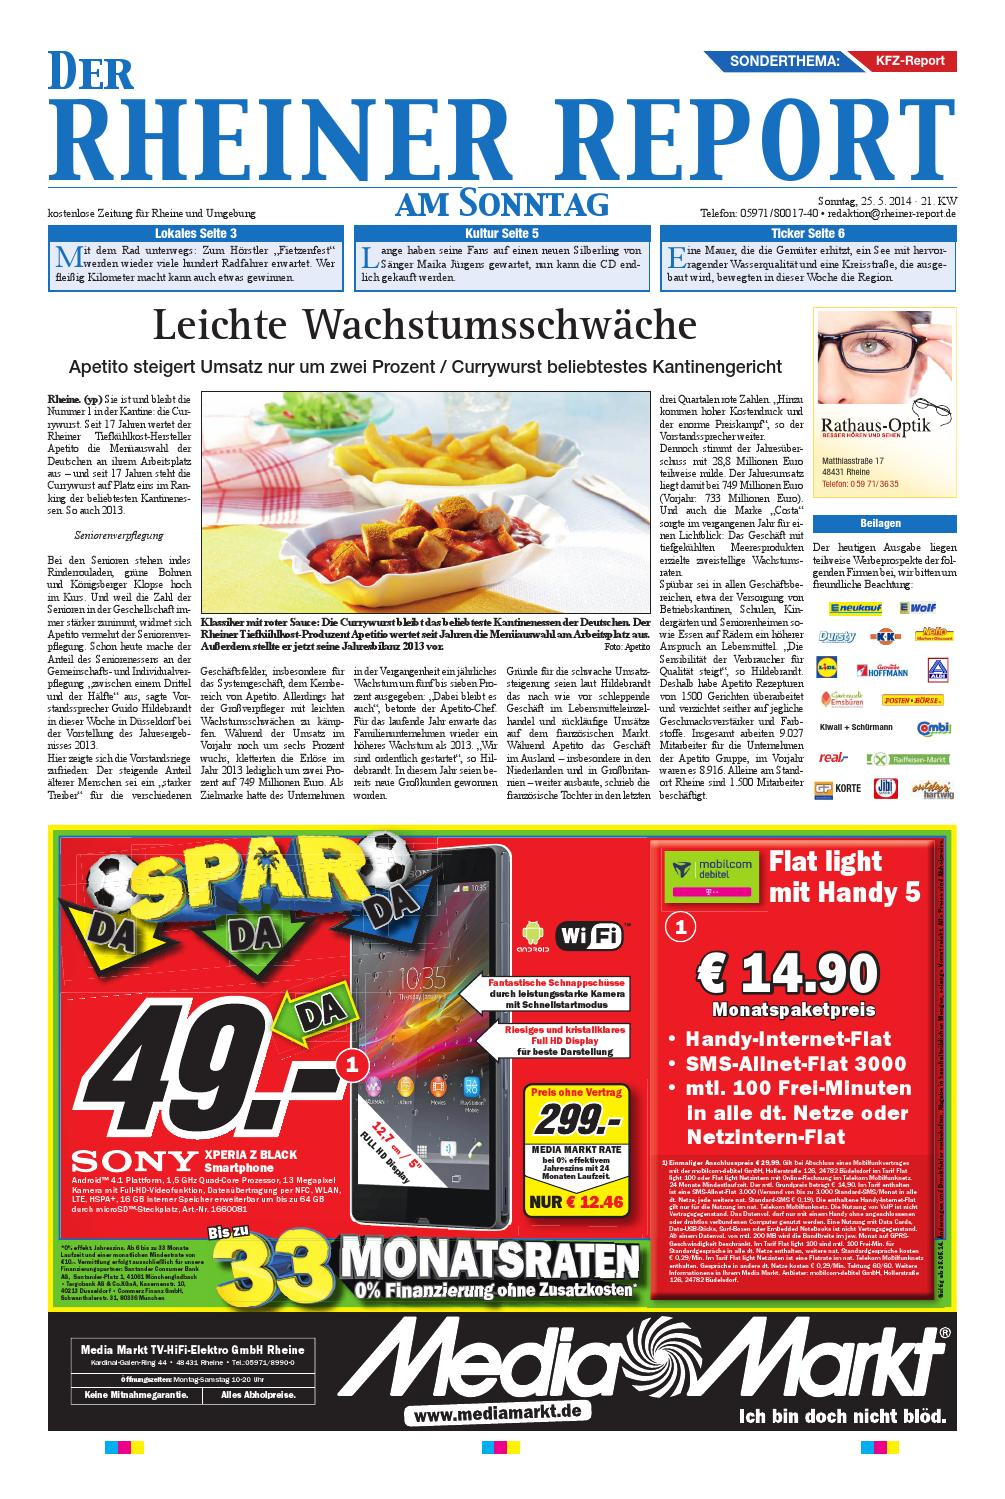 Auto deters rheine gmbh am stadtwalde 59 48432 rheine - Auto Deters Rheine Gmbh Am Stadtwalde 59 48432 Rheine 6